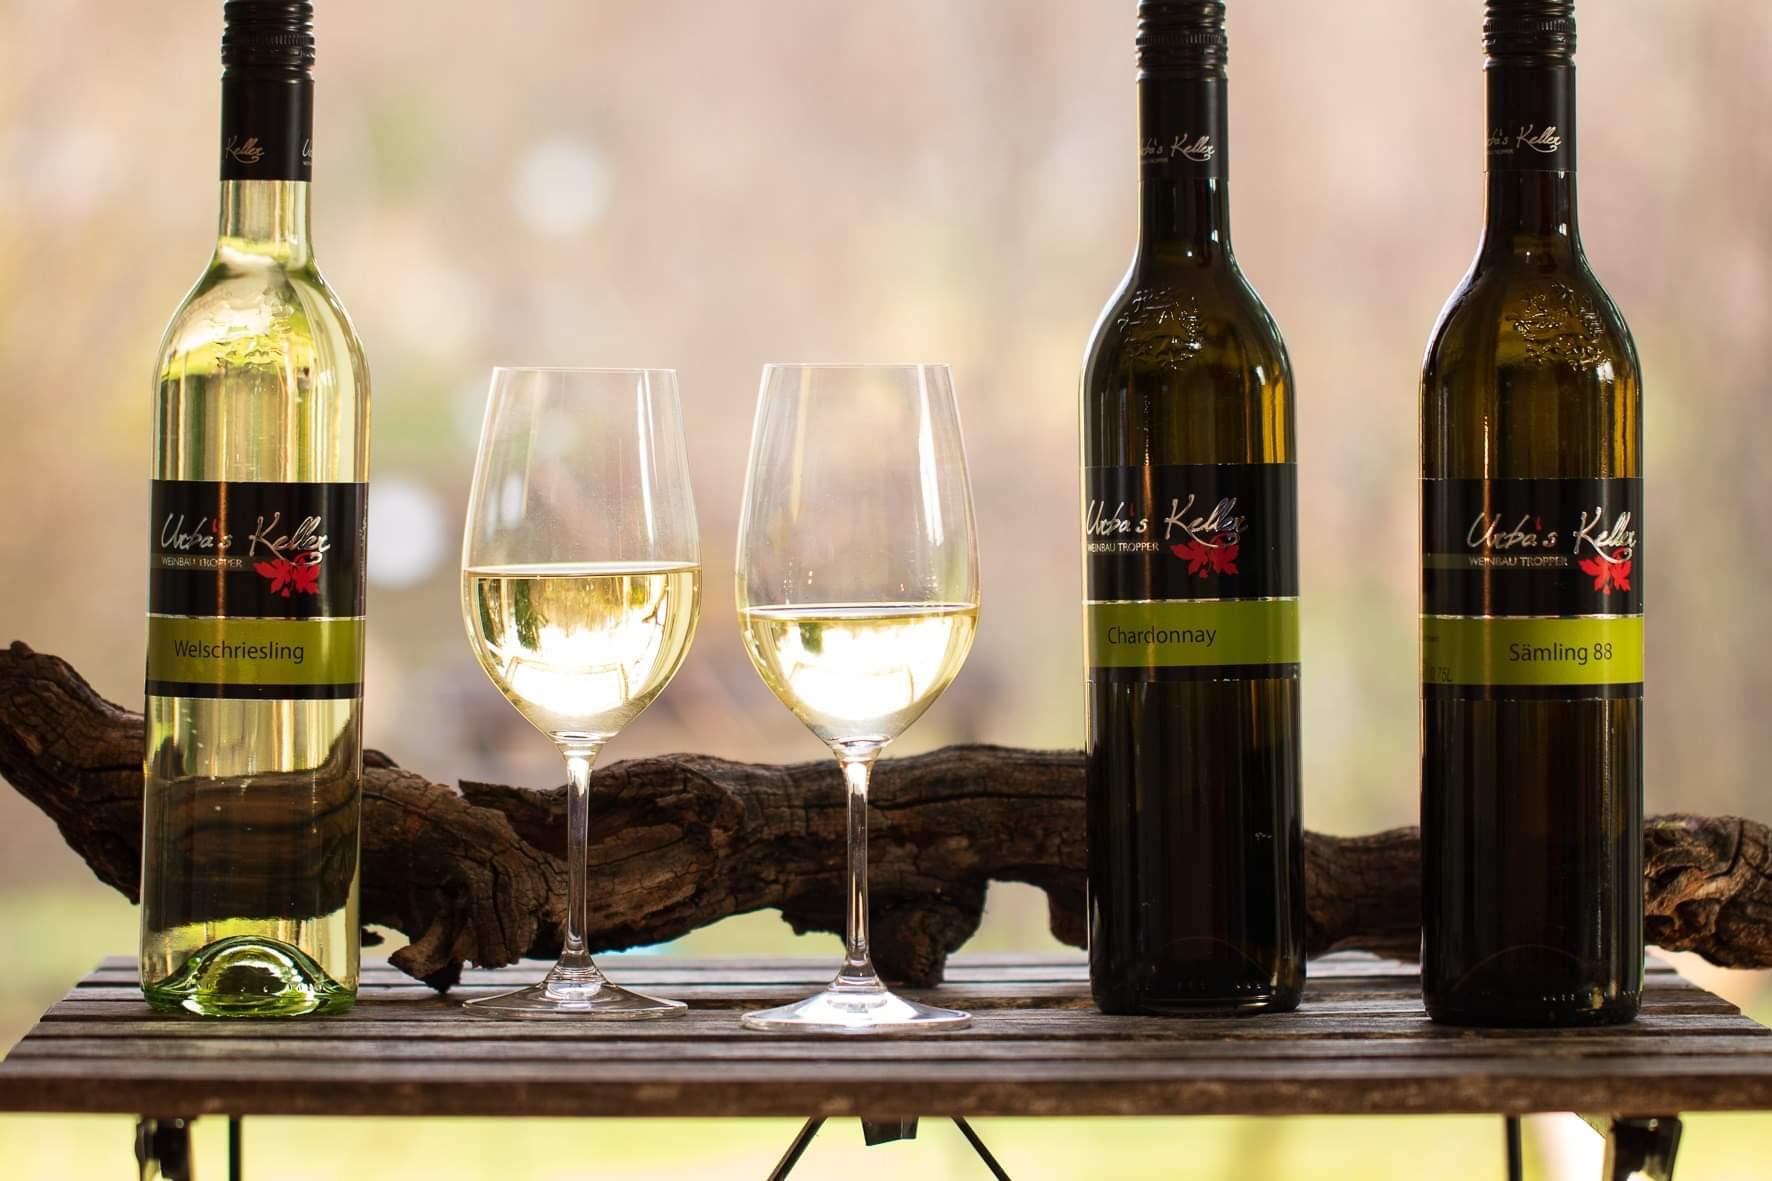 Wir lieben Wein